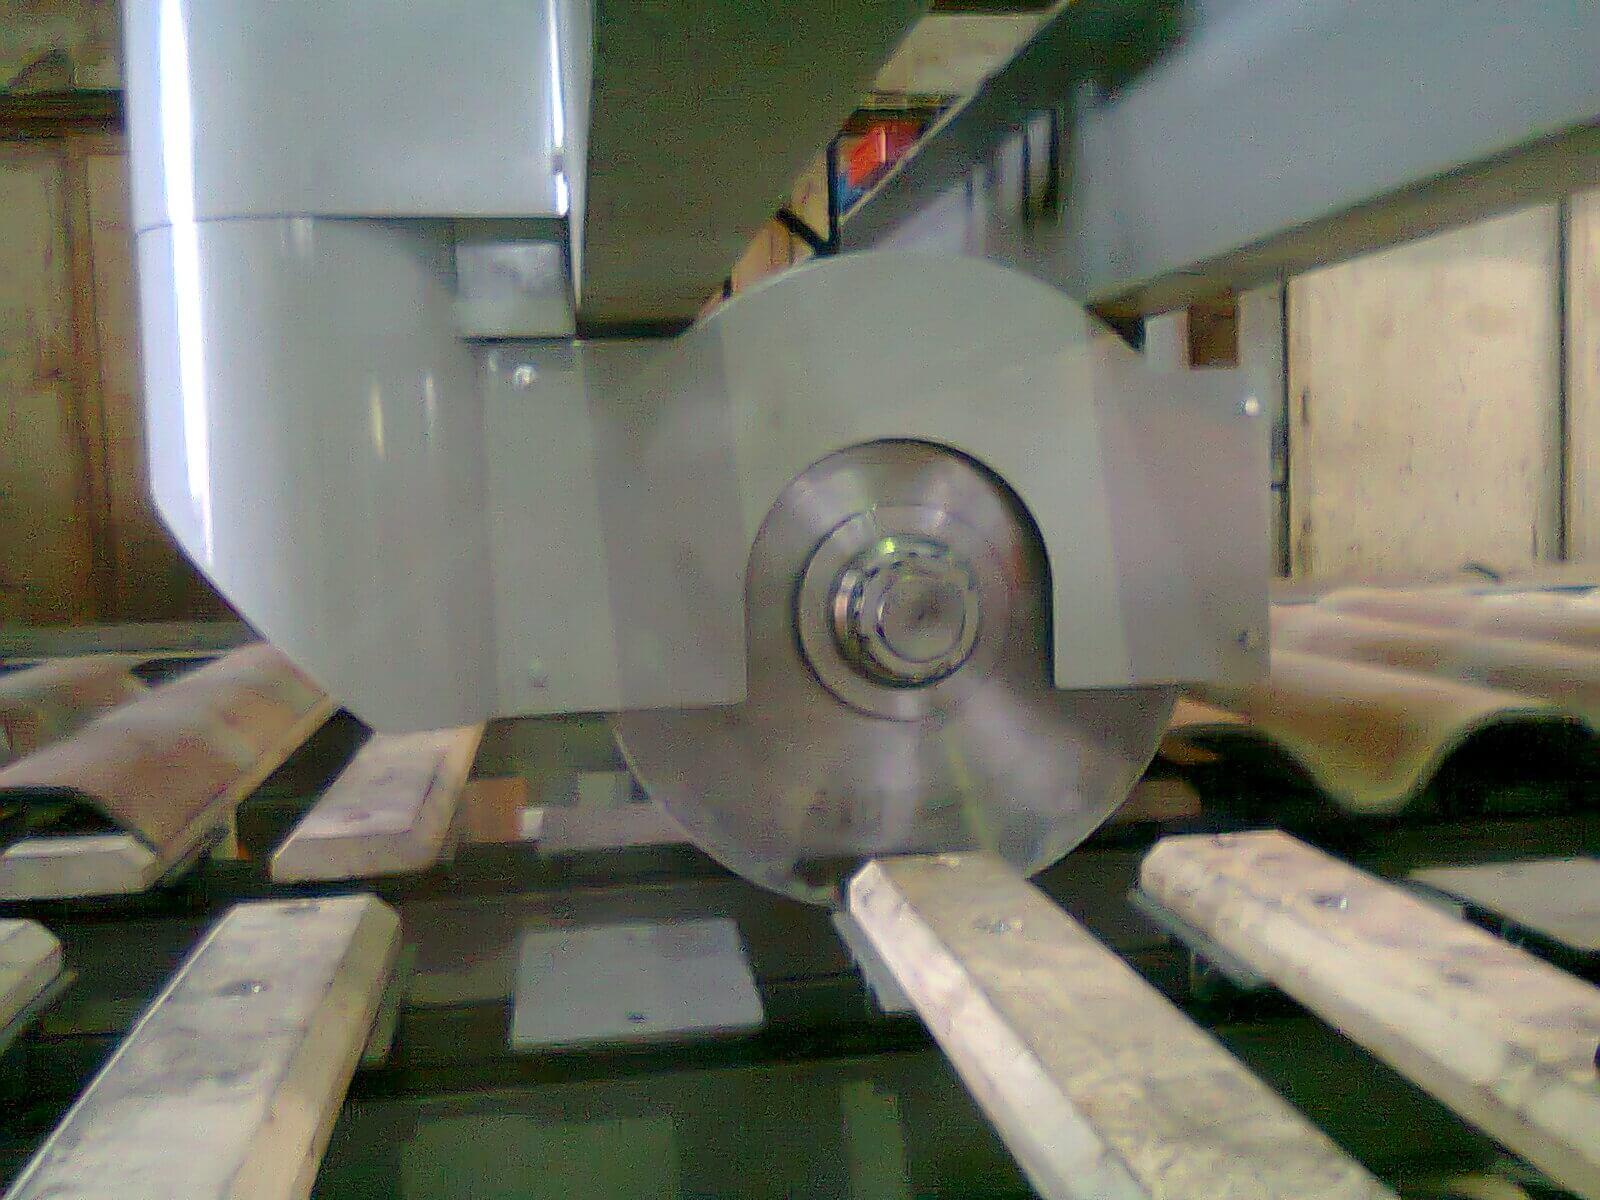 Capot en acier peint sur scie circulaire pour découpe plaque ondulée en fibrociment. Aspiration poussière de découpe